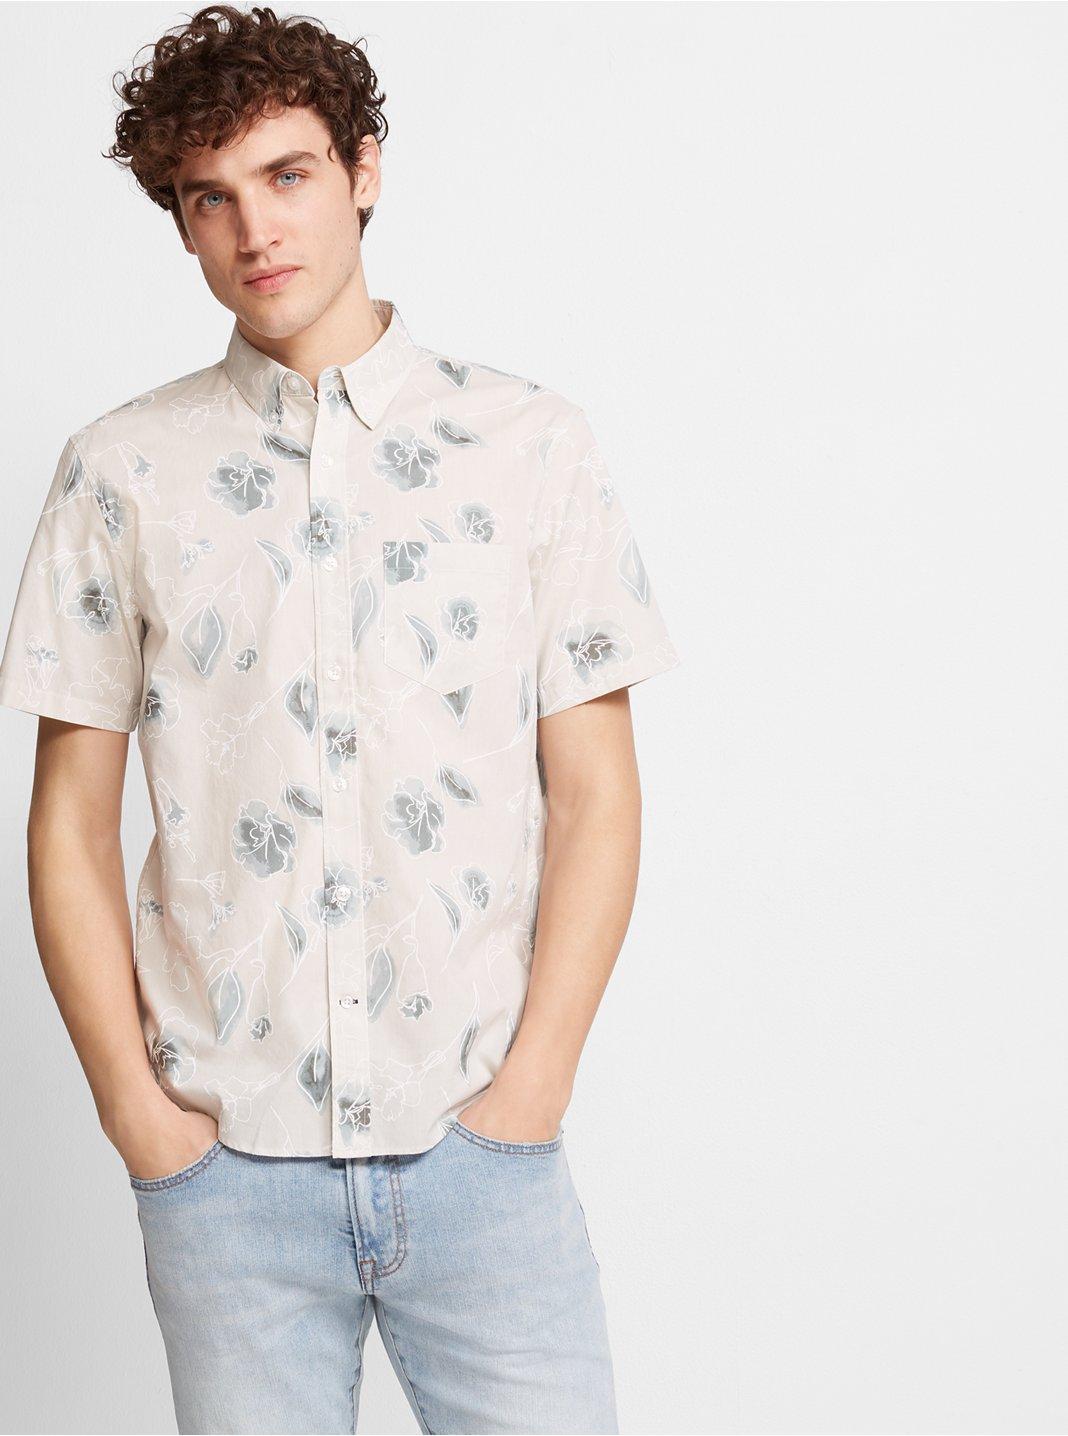 Slim Short-Sleeve Floral Shirt